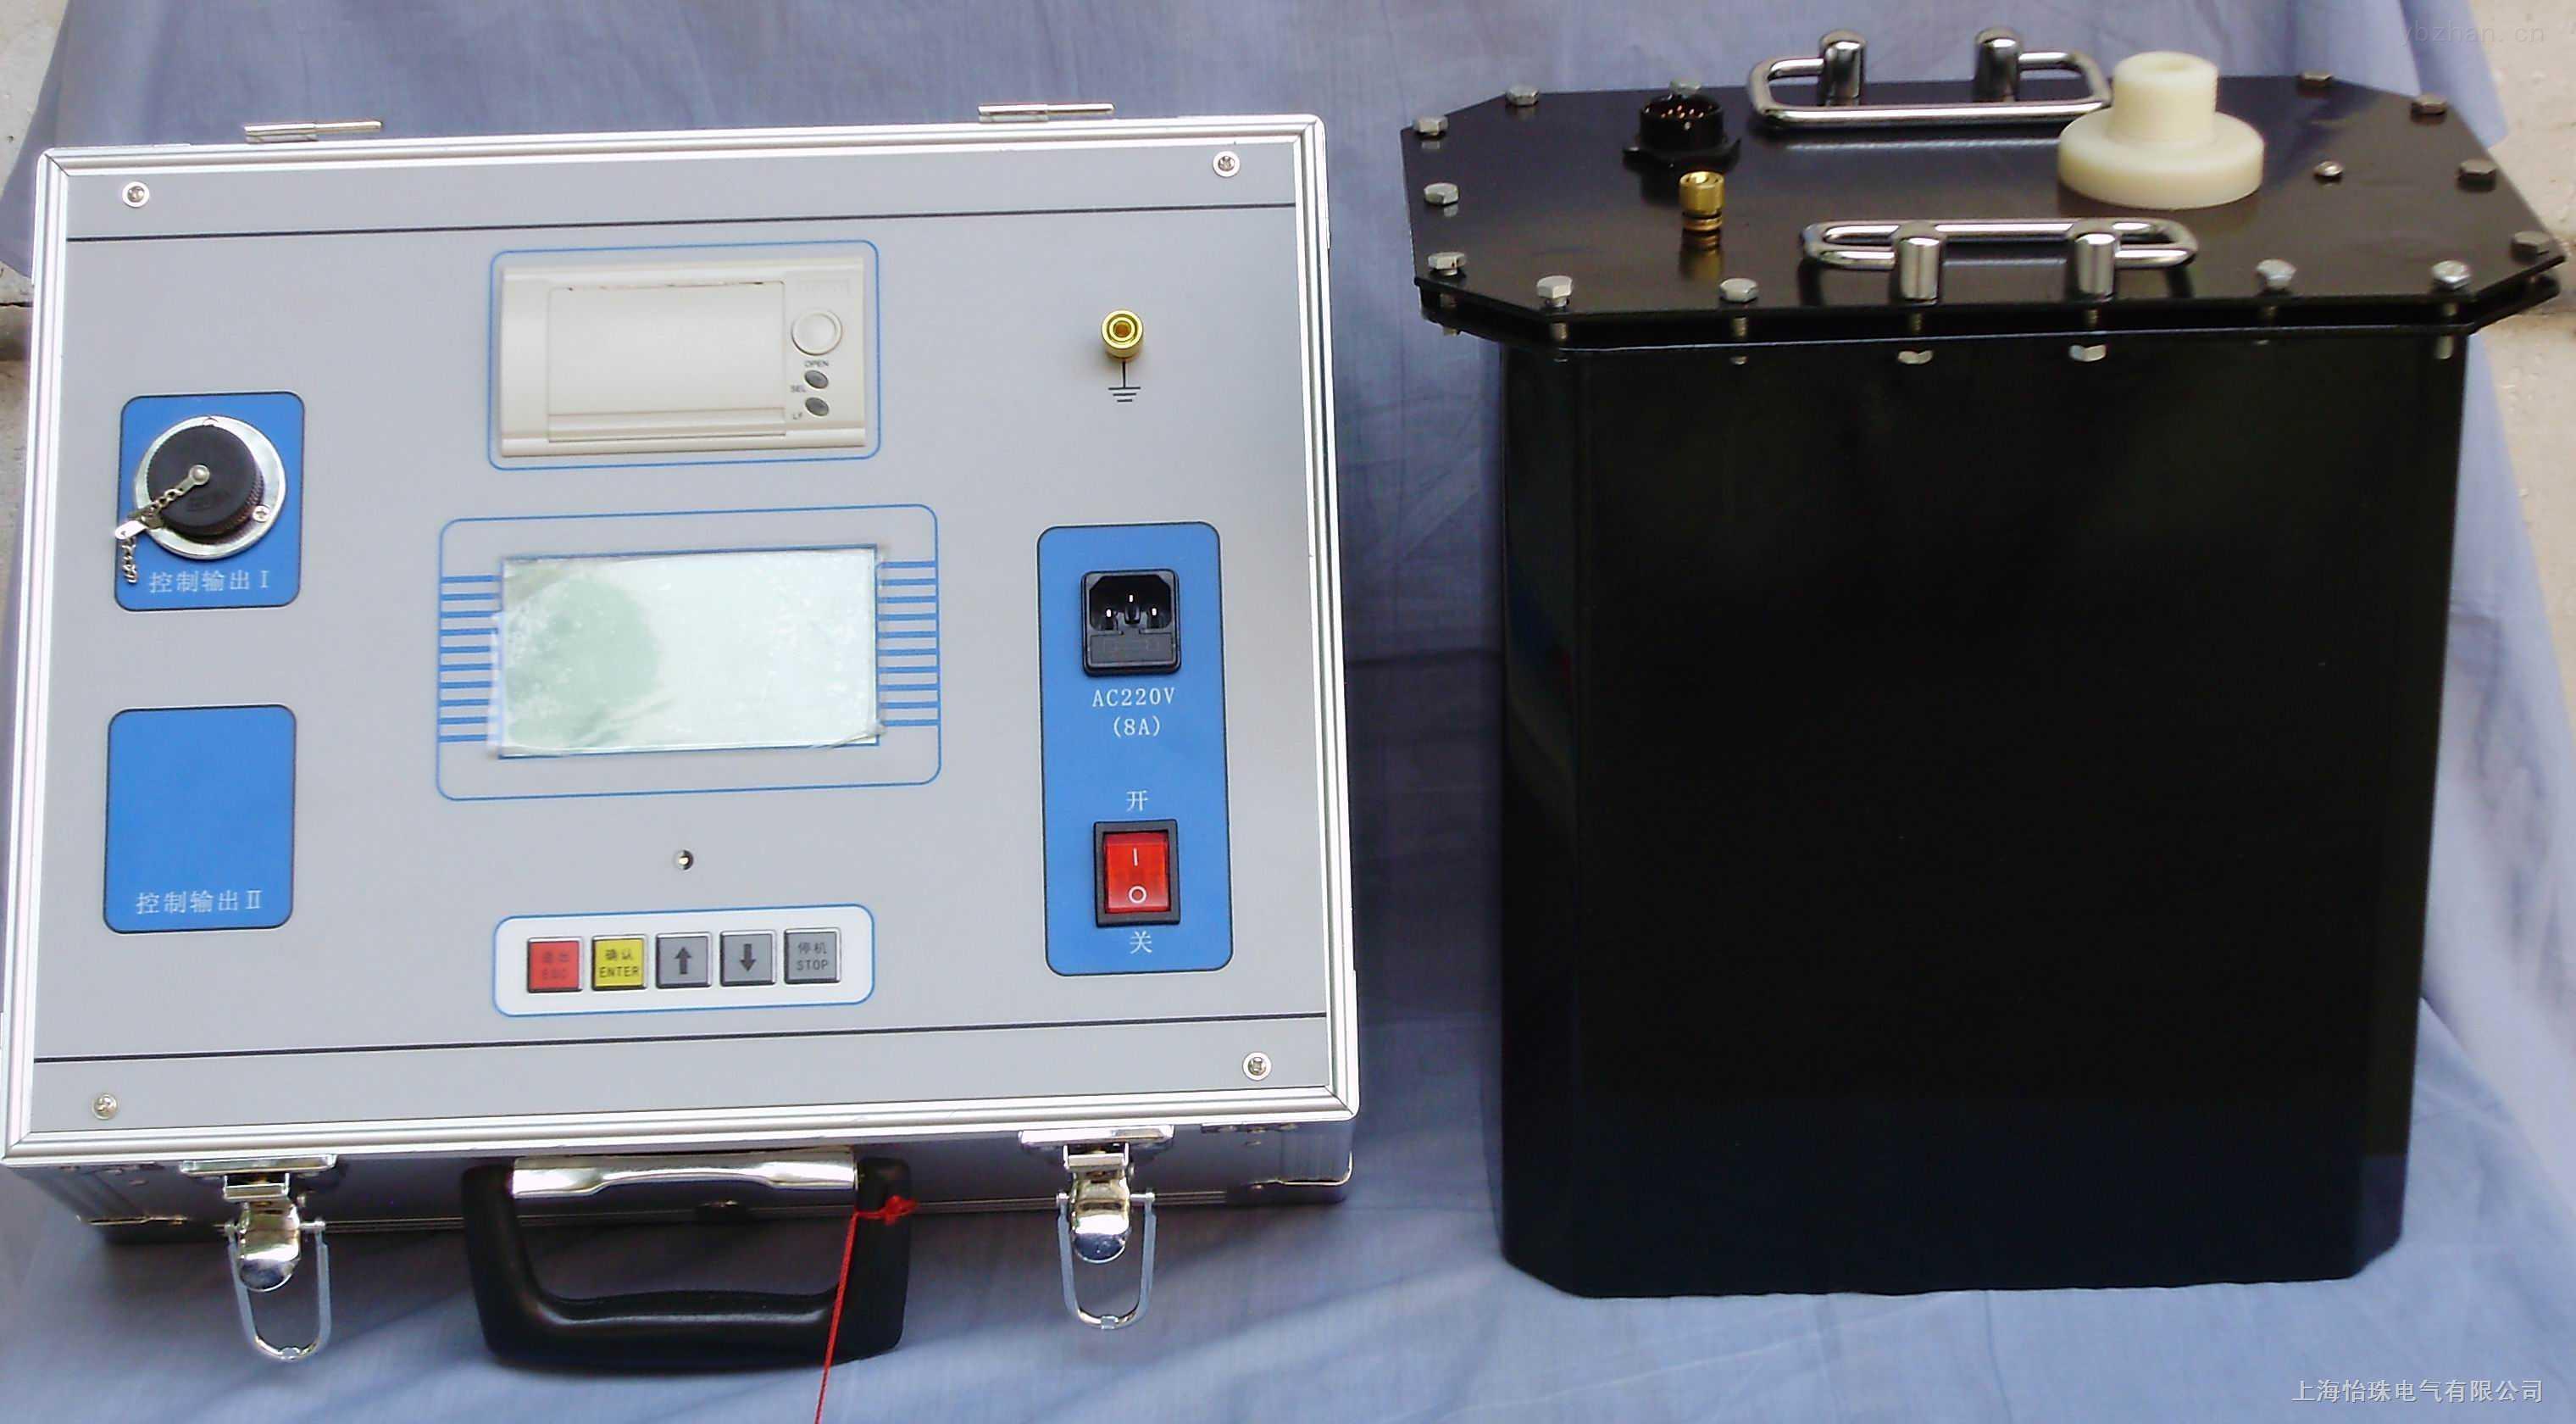 u输出频率:0.1Hz、0.05Hz、0.02Hz u带载能力:0.1Hz 最大1.1μF 0.05Hz 最大2.2μF 0.02Hz 最大5.5μF u测量精度:3% u电压正,负峰值误差:≤3% u电压波形失真度:≤5% u使用条件:户内、户外;温度:-10~+40;湿度:≤85%RH u电源:频率50Hz,电压220V±5%。若使用便携式发电机供电,发电机要求:频率50Hz,电压220V±5%,功率应大于3KW,并且在发电机的输出端并联